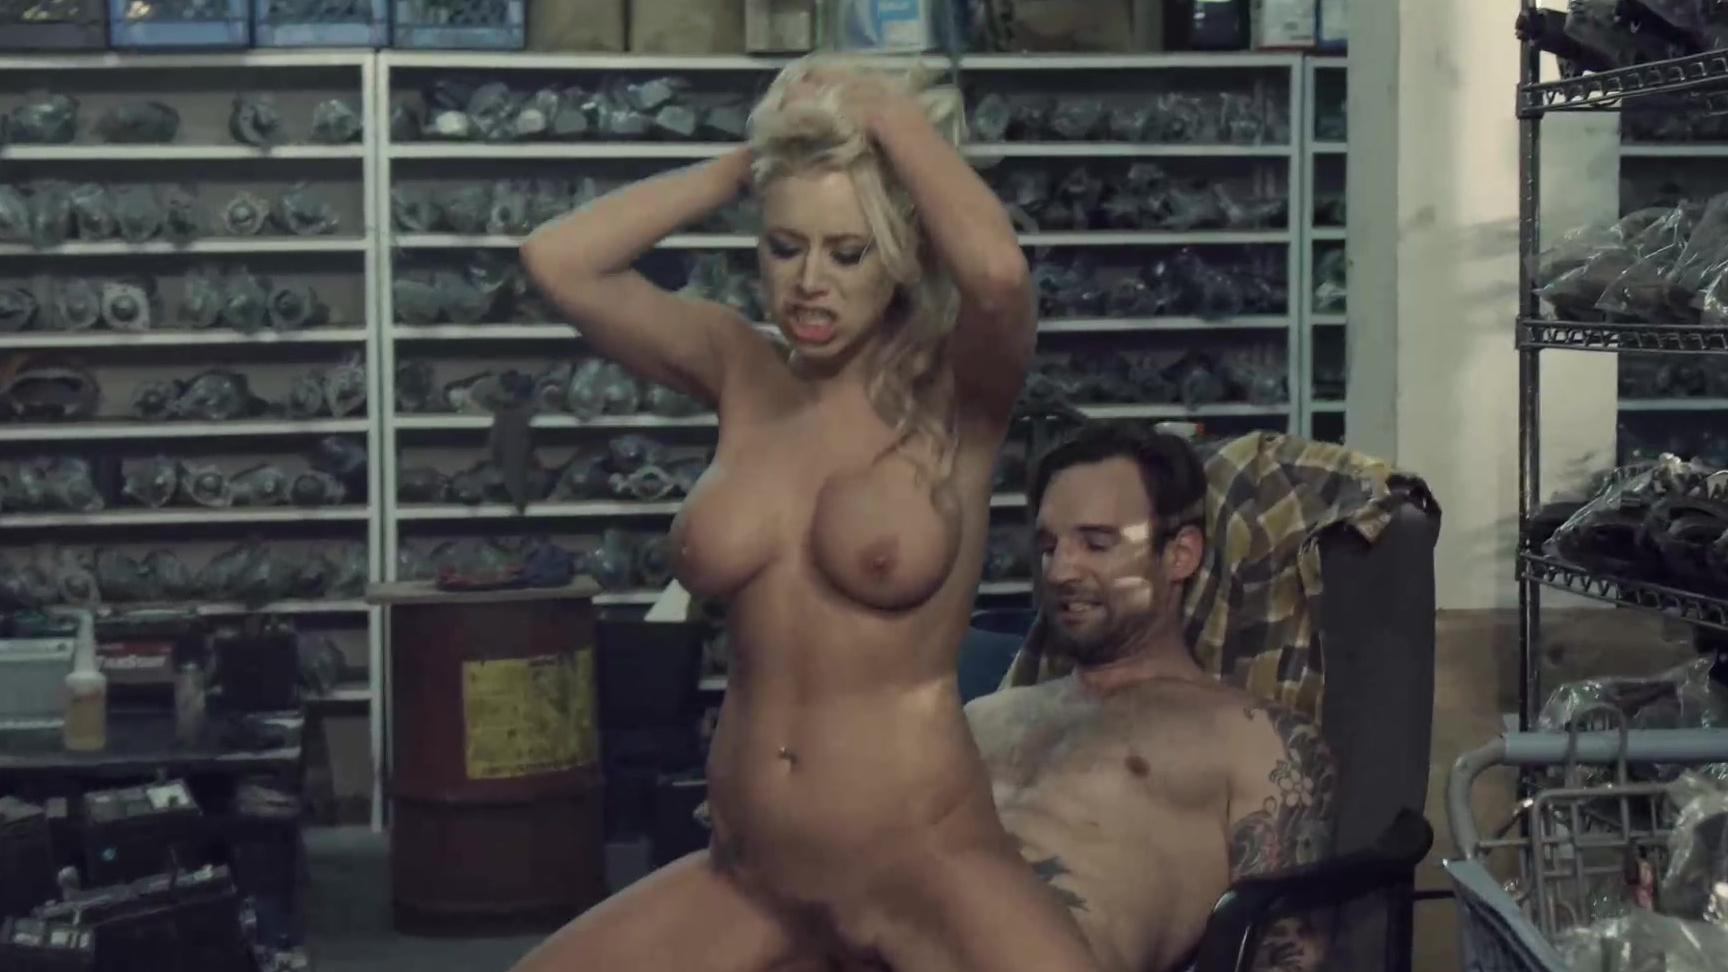 Devin recommend Bib boob gang bang